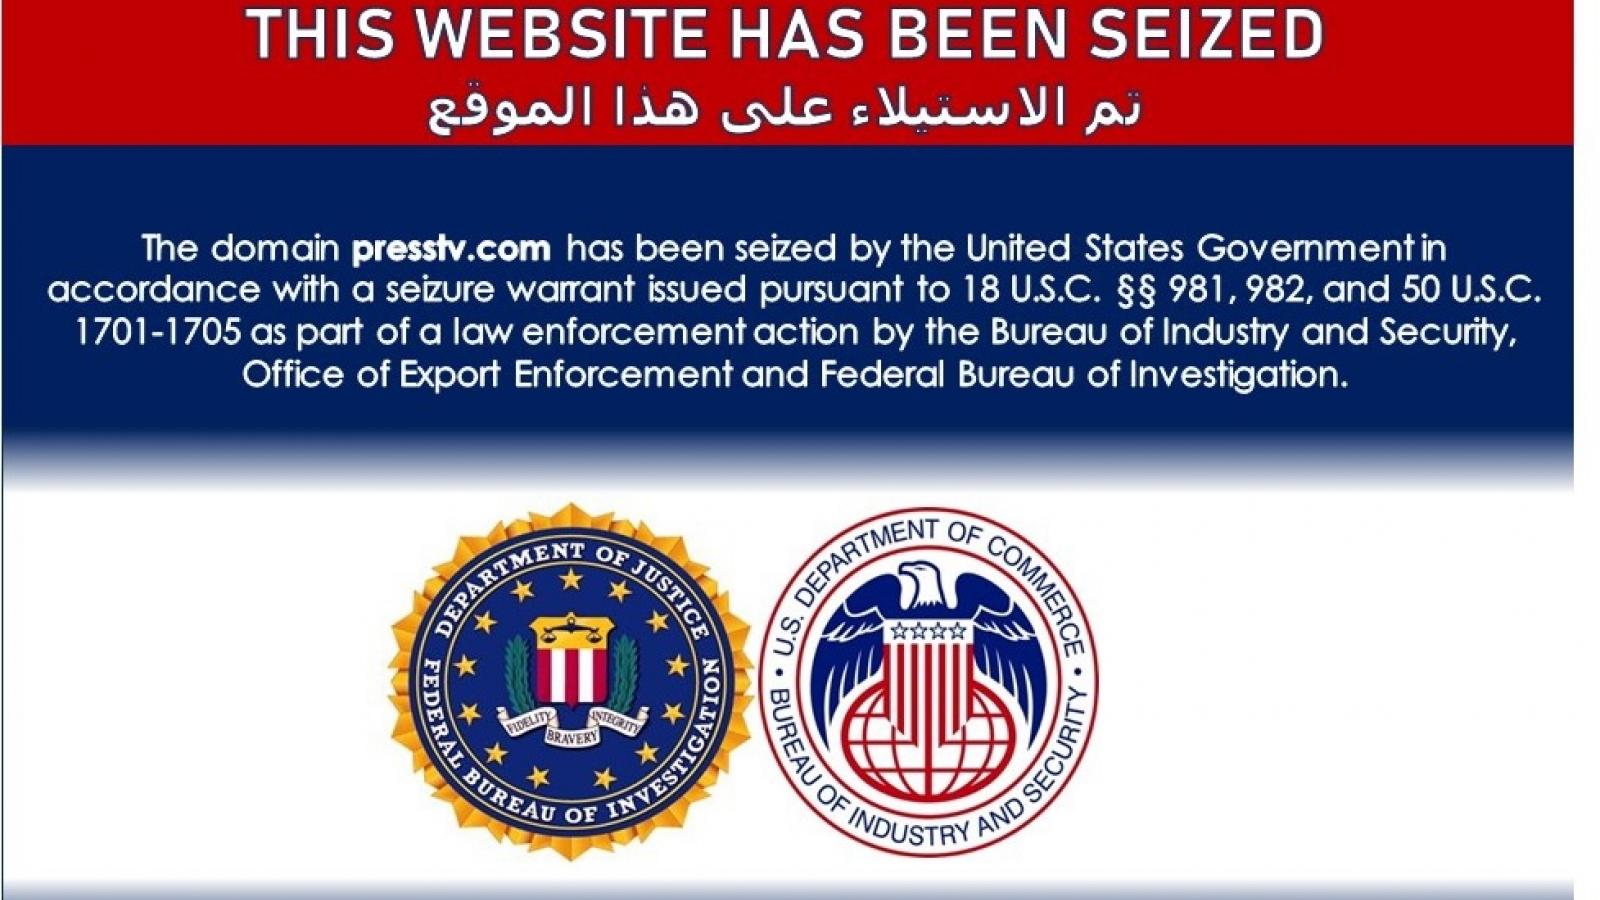 Mỹ gỡ bỏ hàng chục trang web liên quan tới Iran